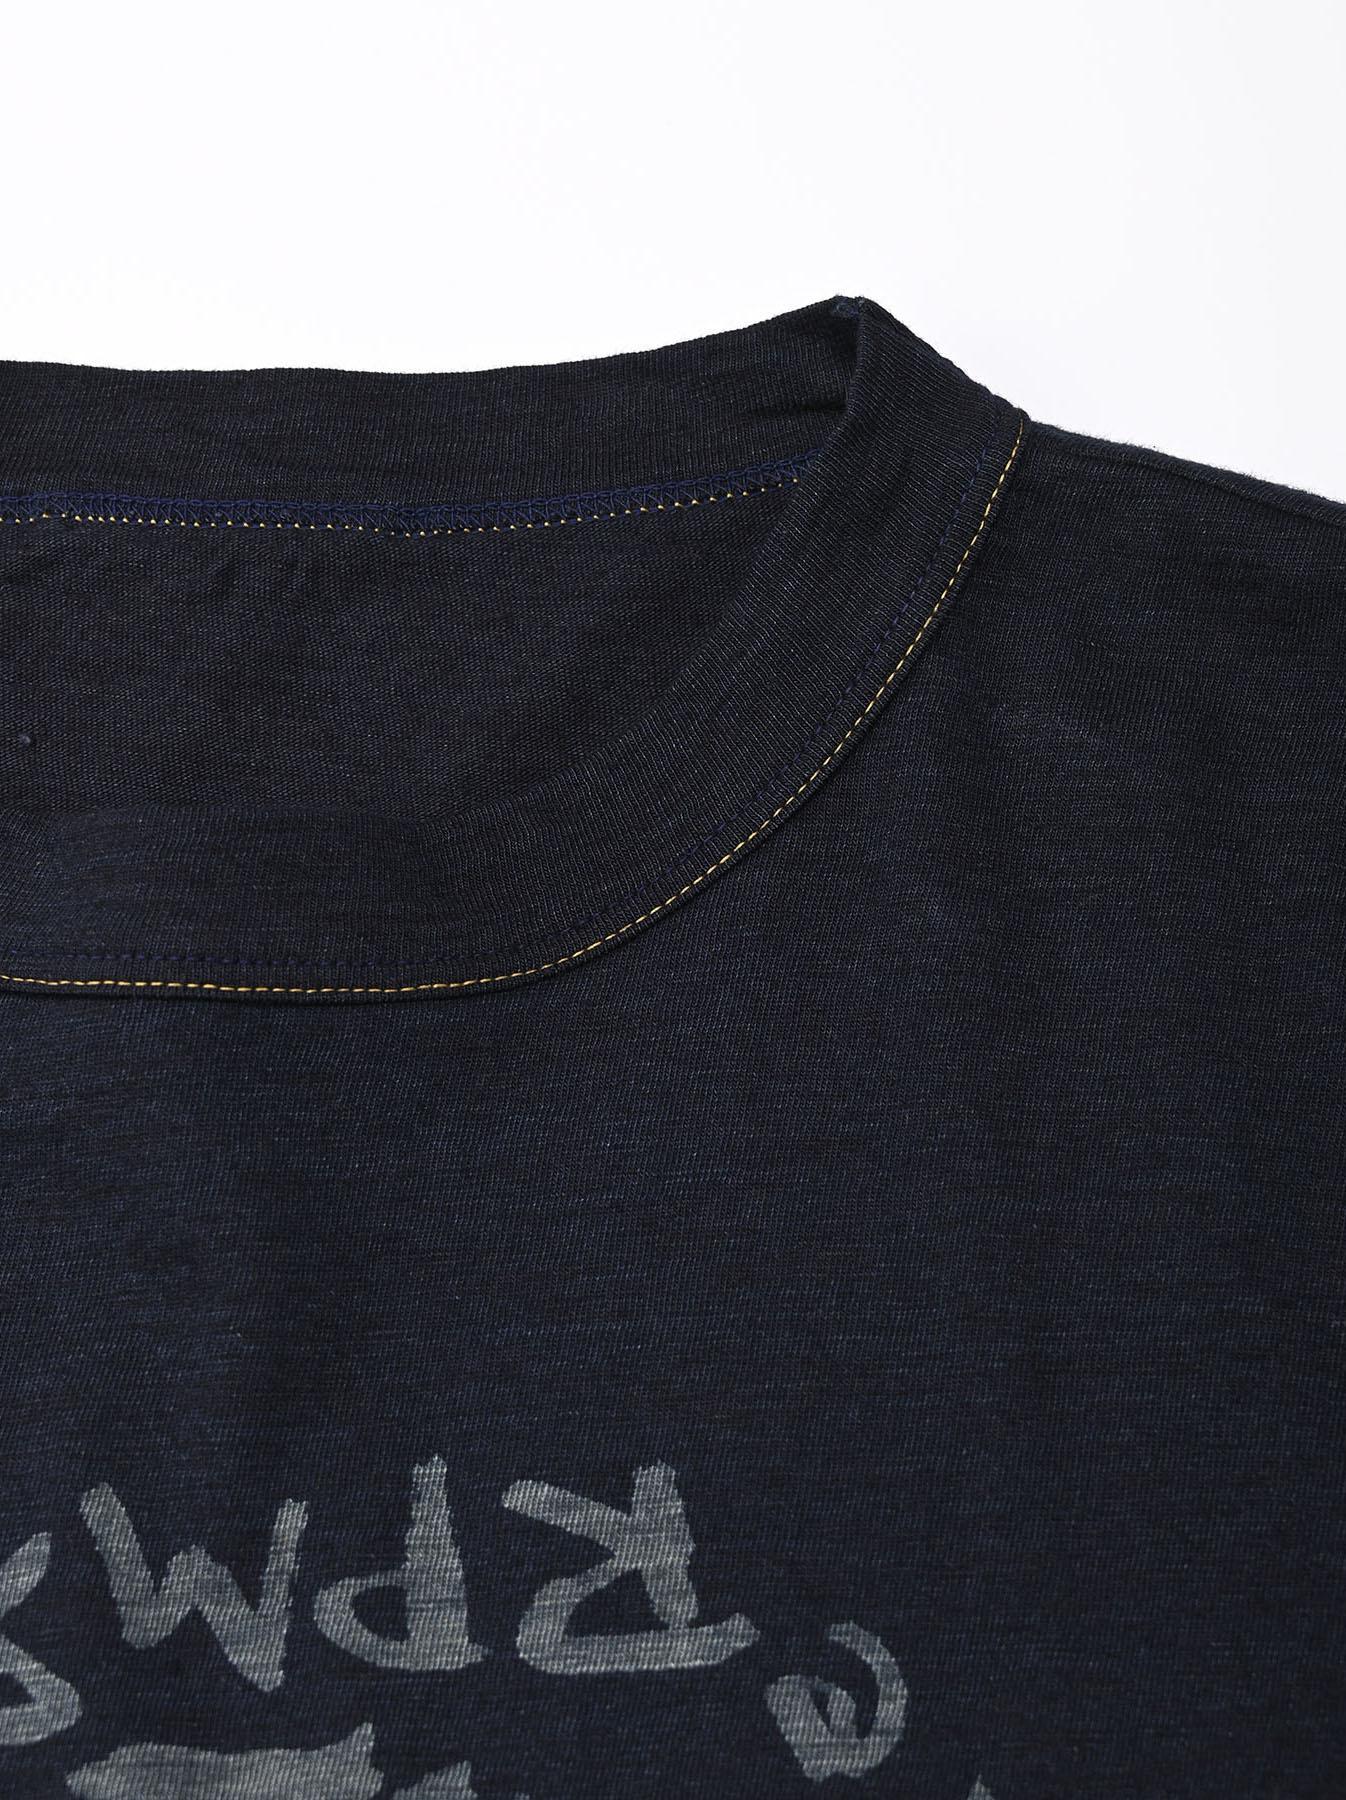 Indigo Sumite de Chicken T-shirt-7